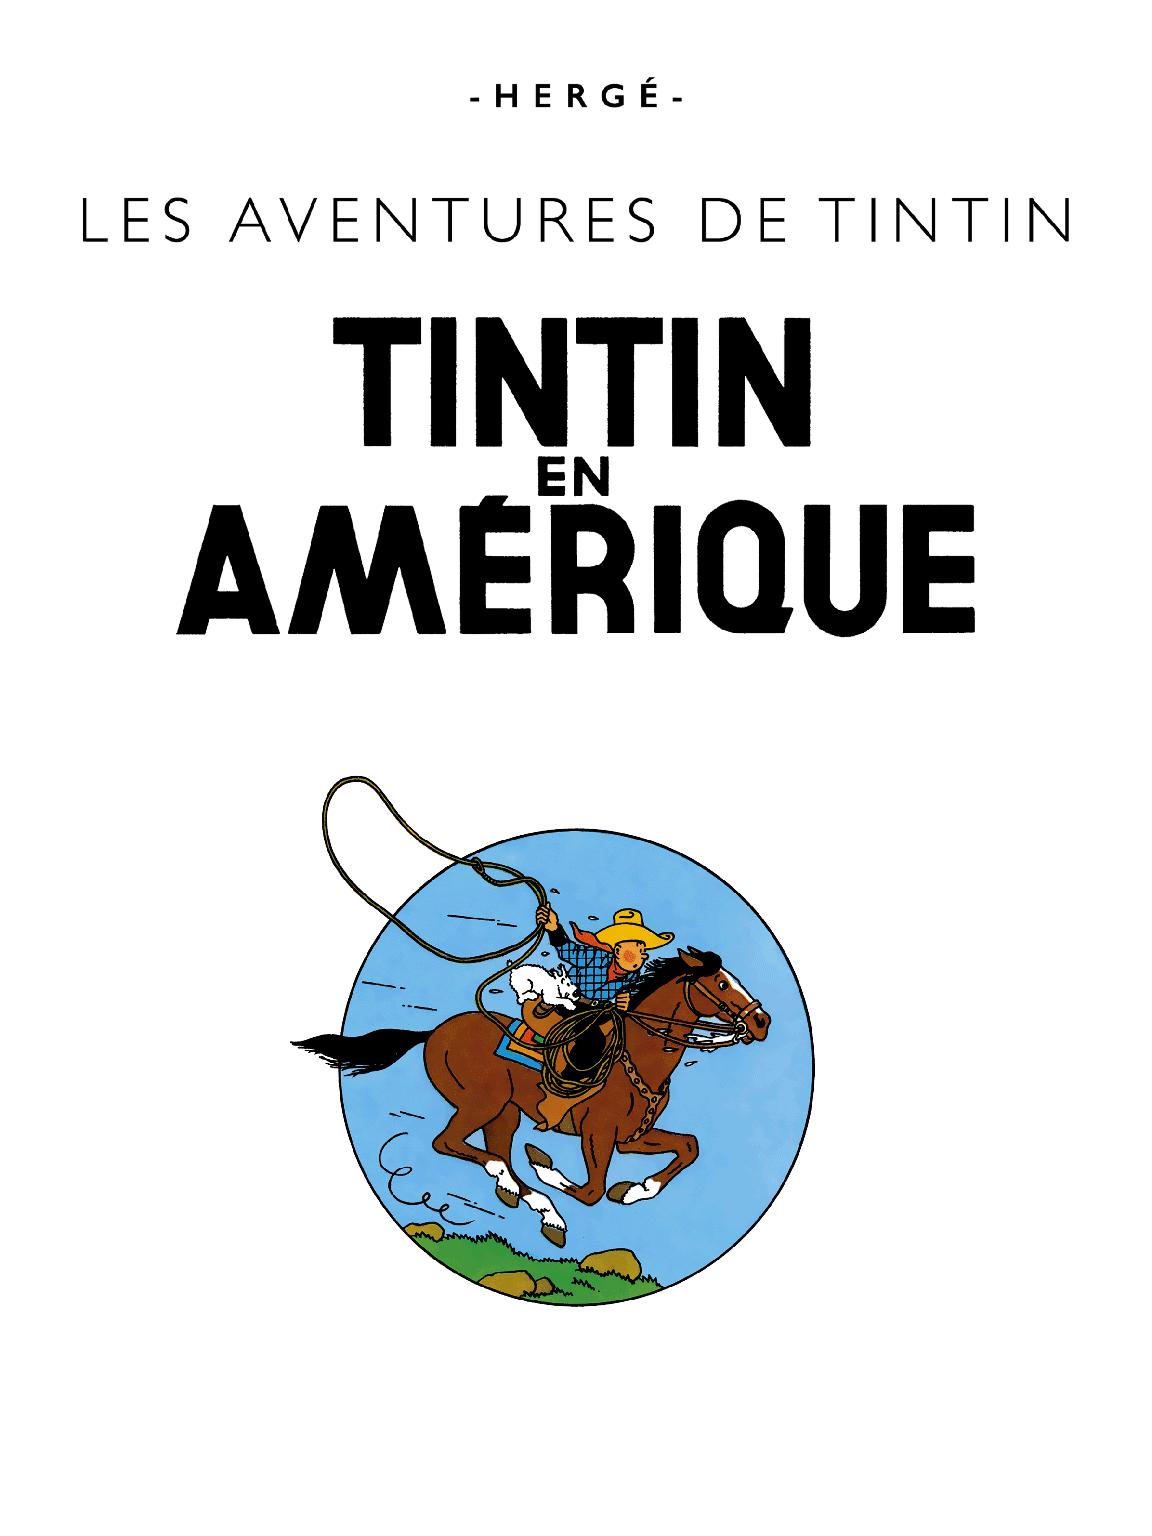 Tintin en Amérique - Page titre